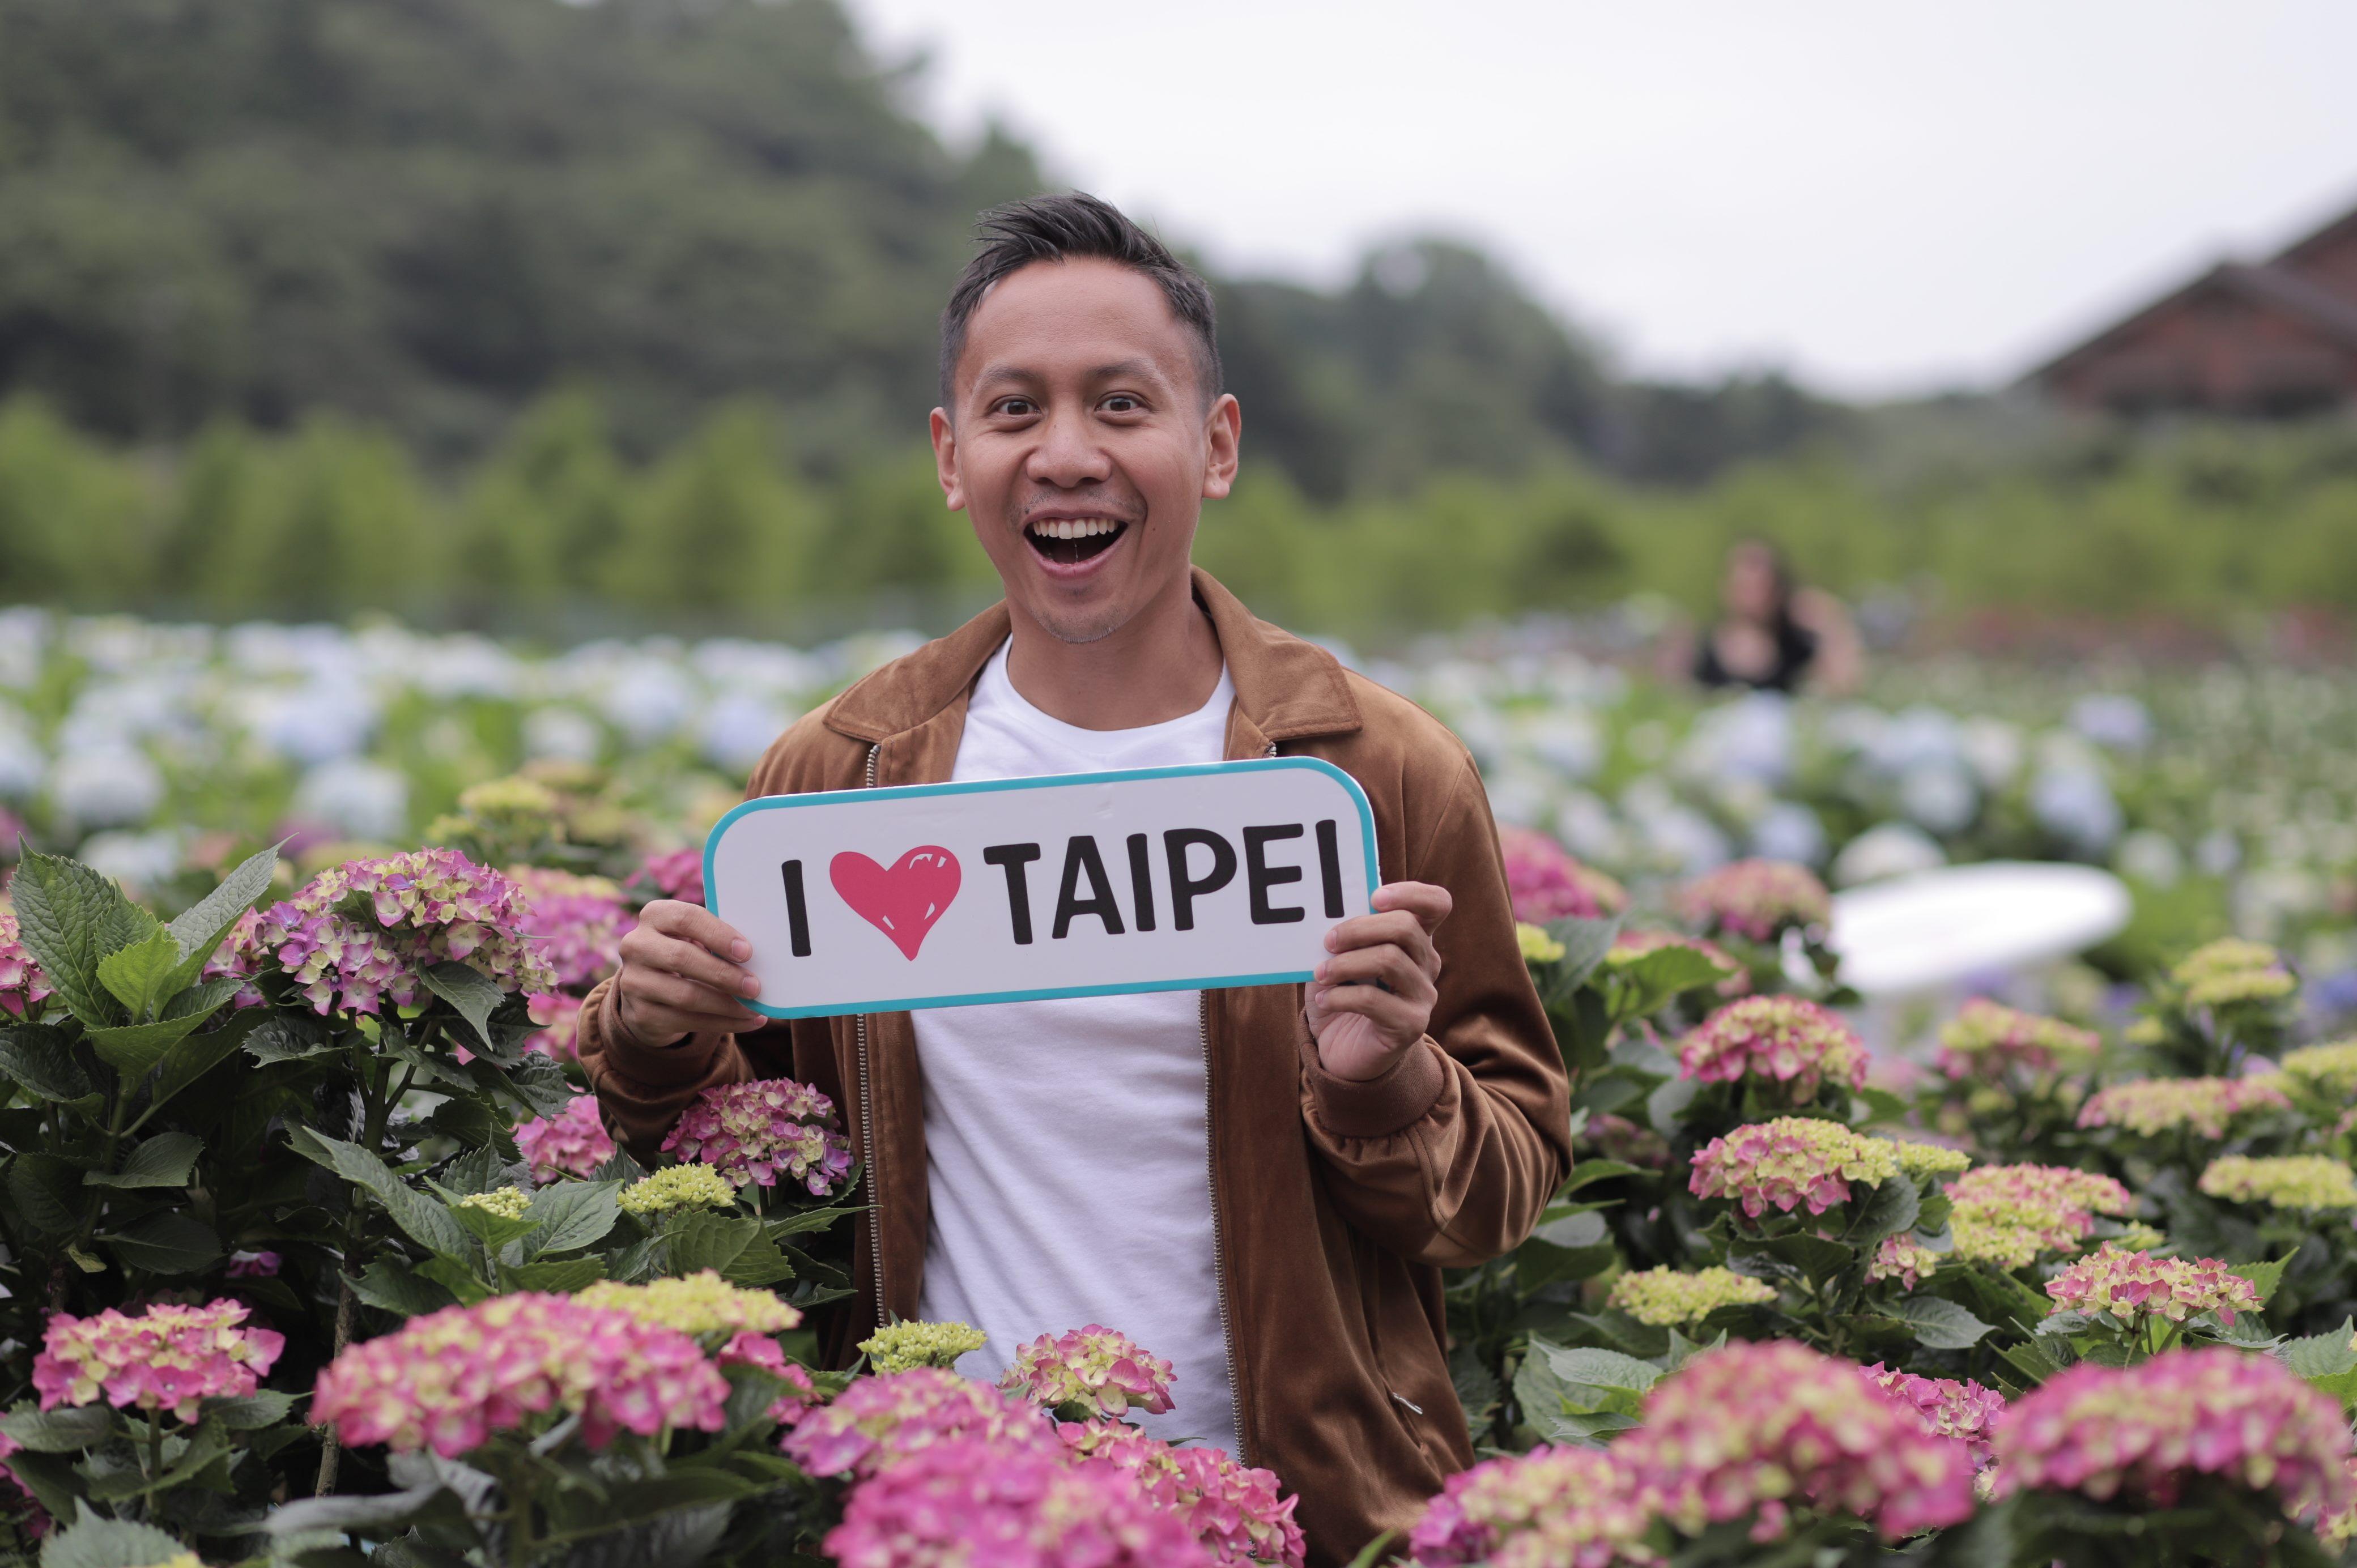 粉絲數破200萬的菲律賓歌手Mikey Bustos第二次來臺北拍攝觀光MV,去到沒去過的陽明山直呼好興奮。